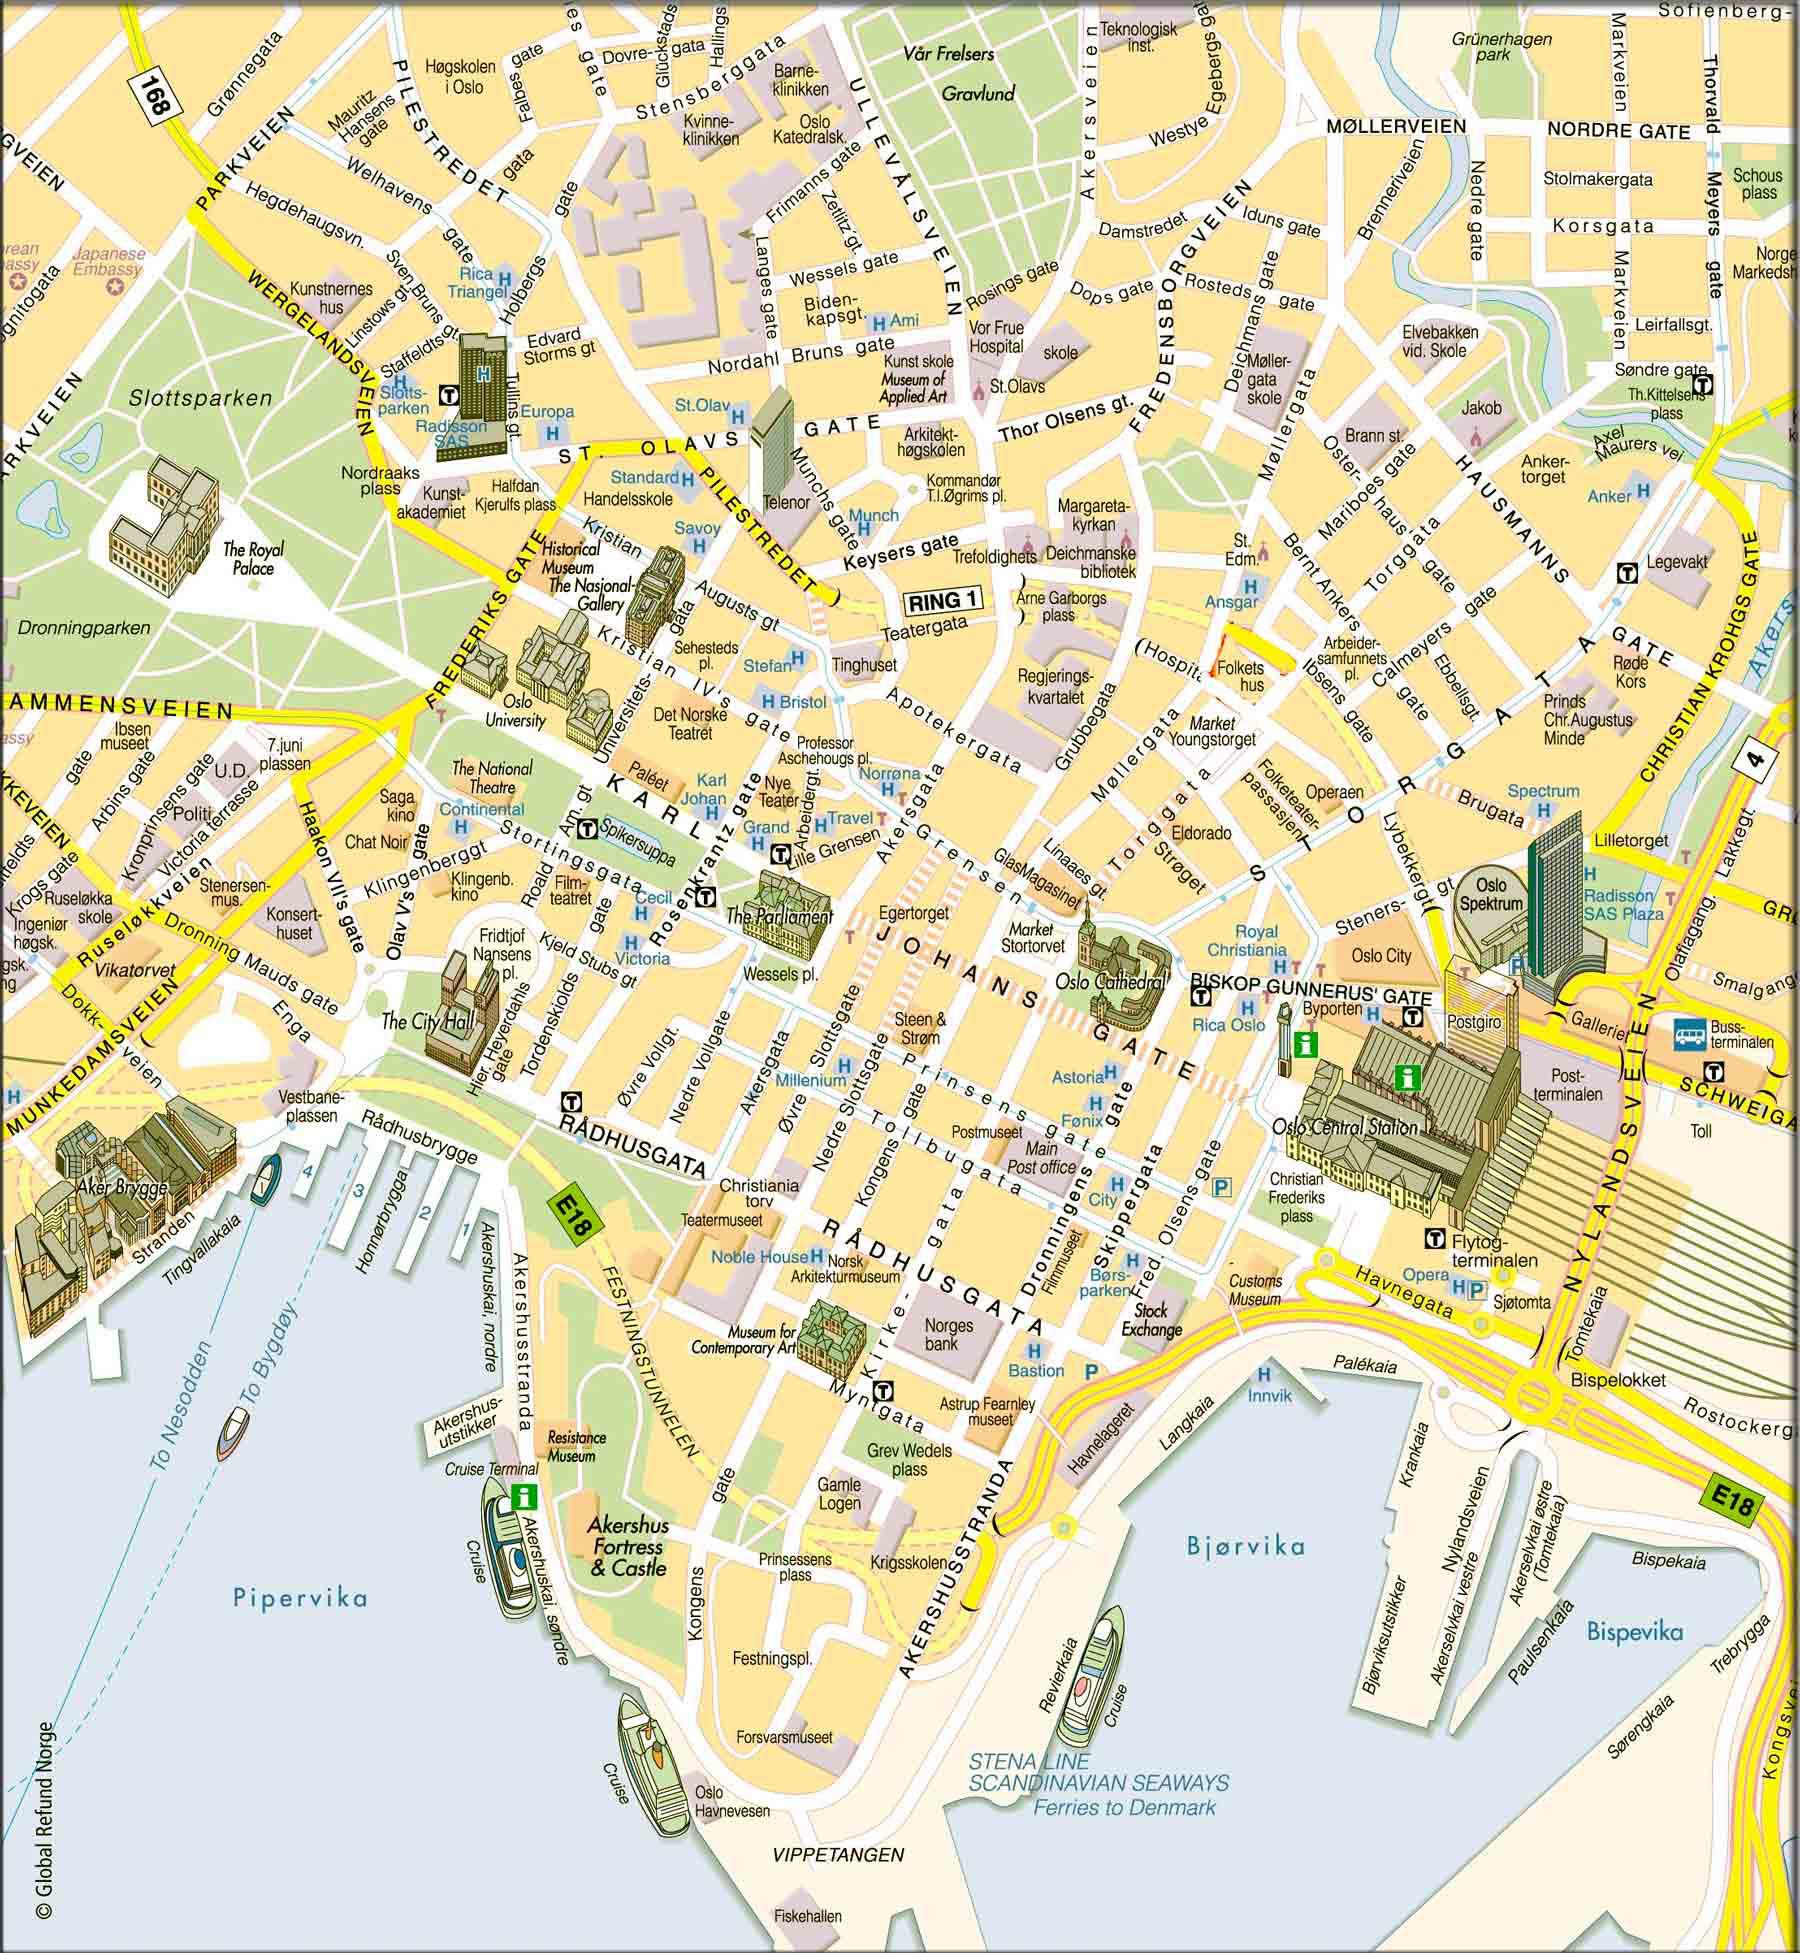 Mapa Turístico de Oslo, Noruega